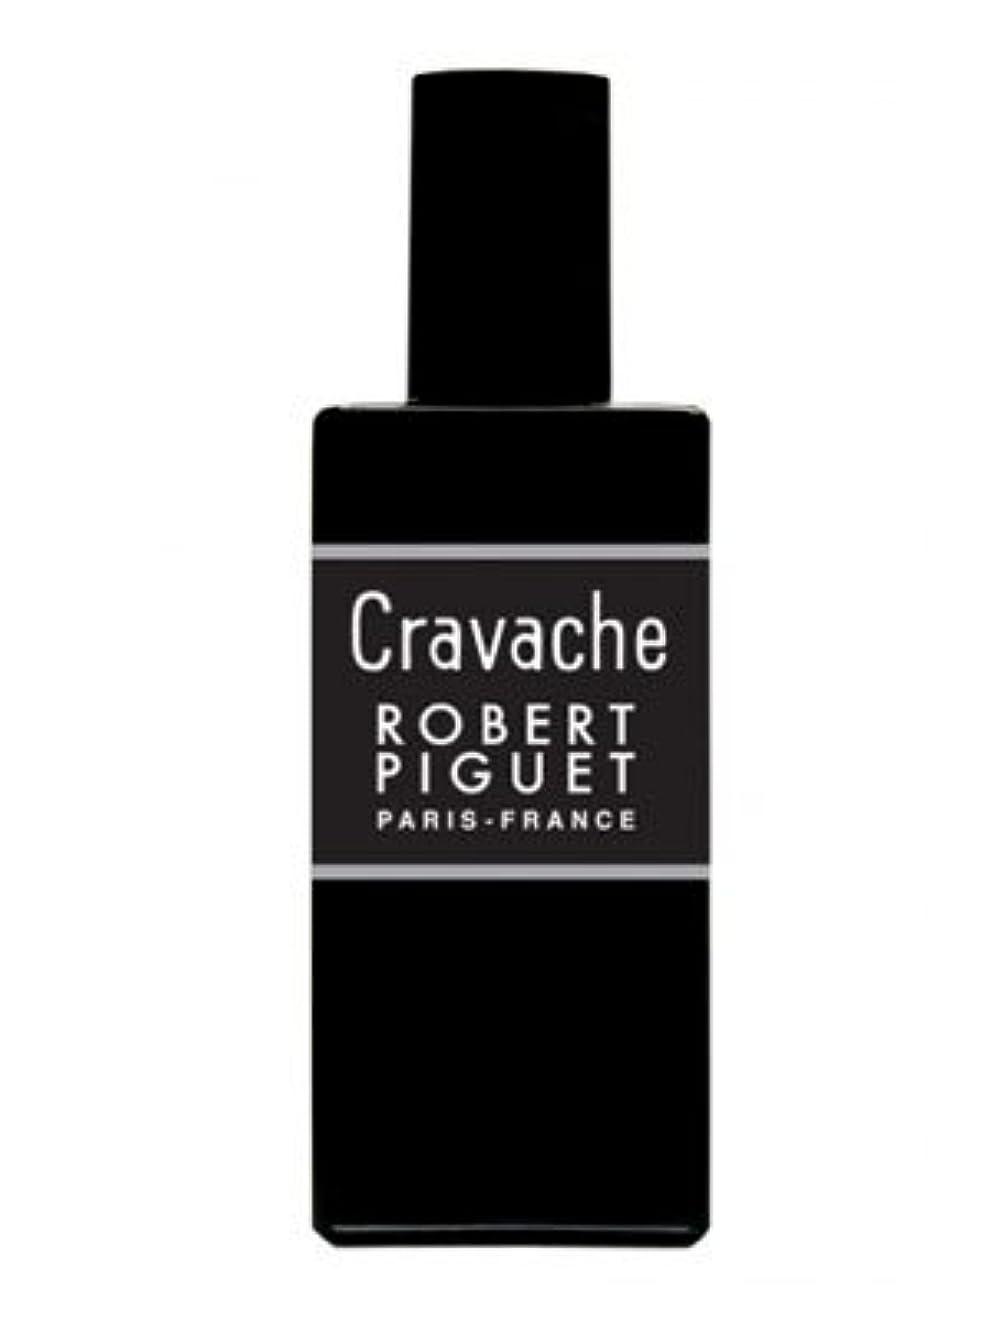 死にかけているライナー補償Cravache (クラバシェ)3.4 oz (100ml) EDT Spray by Robert Piguet for Men